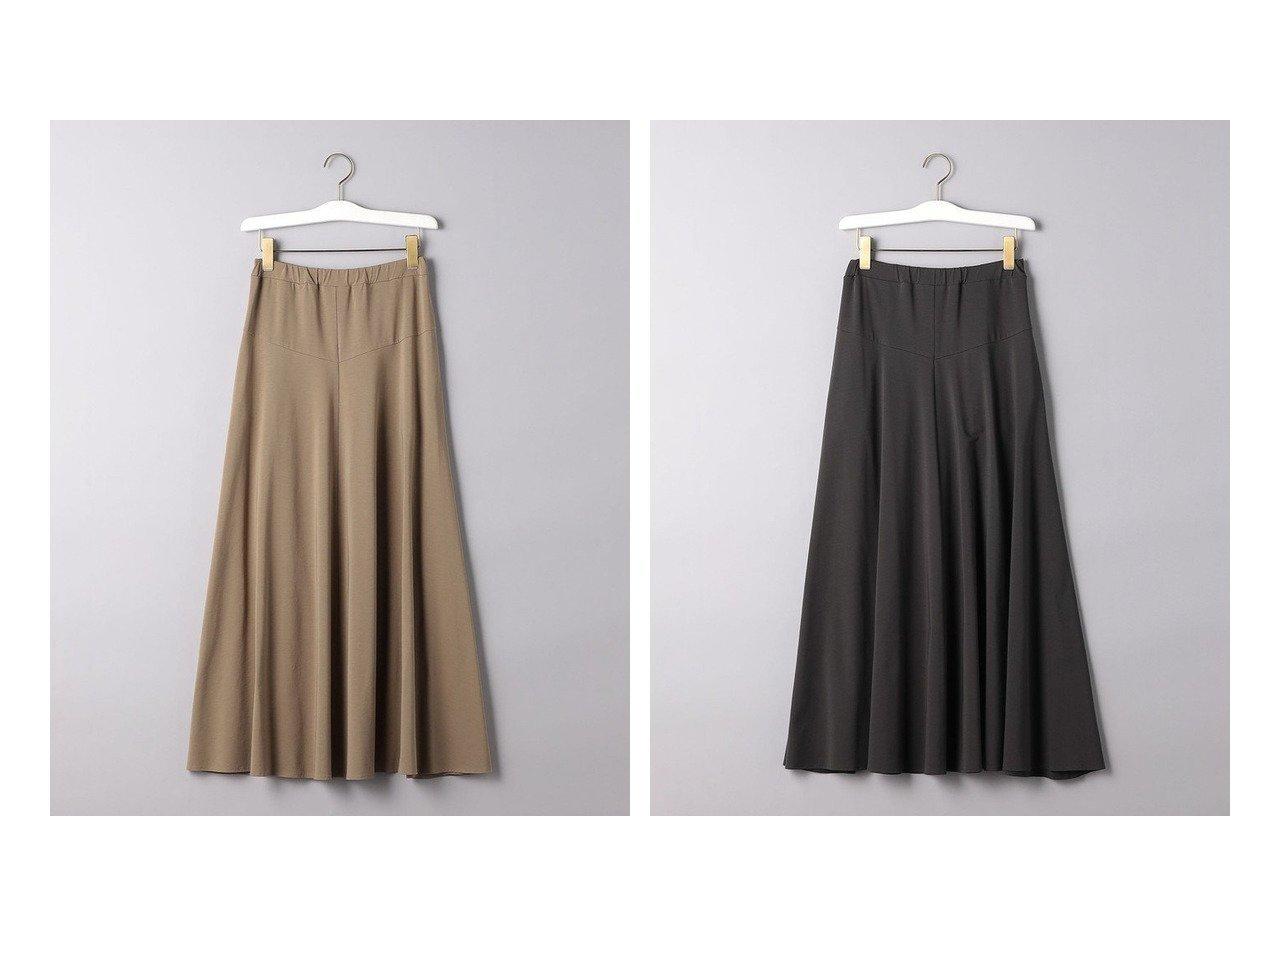 【UNITED ARROWS/ユナイテッドアローズ】のC イージー フレアースカート 【スカート】おすすめ!人気、トレンド・レディースファッションの通販 おすすめで人気の流行・トレンド、ファッションの通販商品 メンズファッション・キッズファッション・インテリア・家具・レディースファッション・服の通販 founy(ファニー) https://founy.com/ ファッション Fashion レディースファッション WOMEN スカート Skirt Aライン/フレアスカート Flared A-Line Skirts ギャザー フレア フレアースカート ロング 再入荷 Restock/Back in Stock/Re Arrival |ID:crp329100000036701